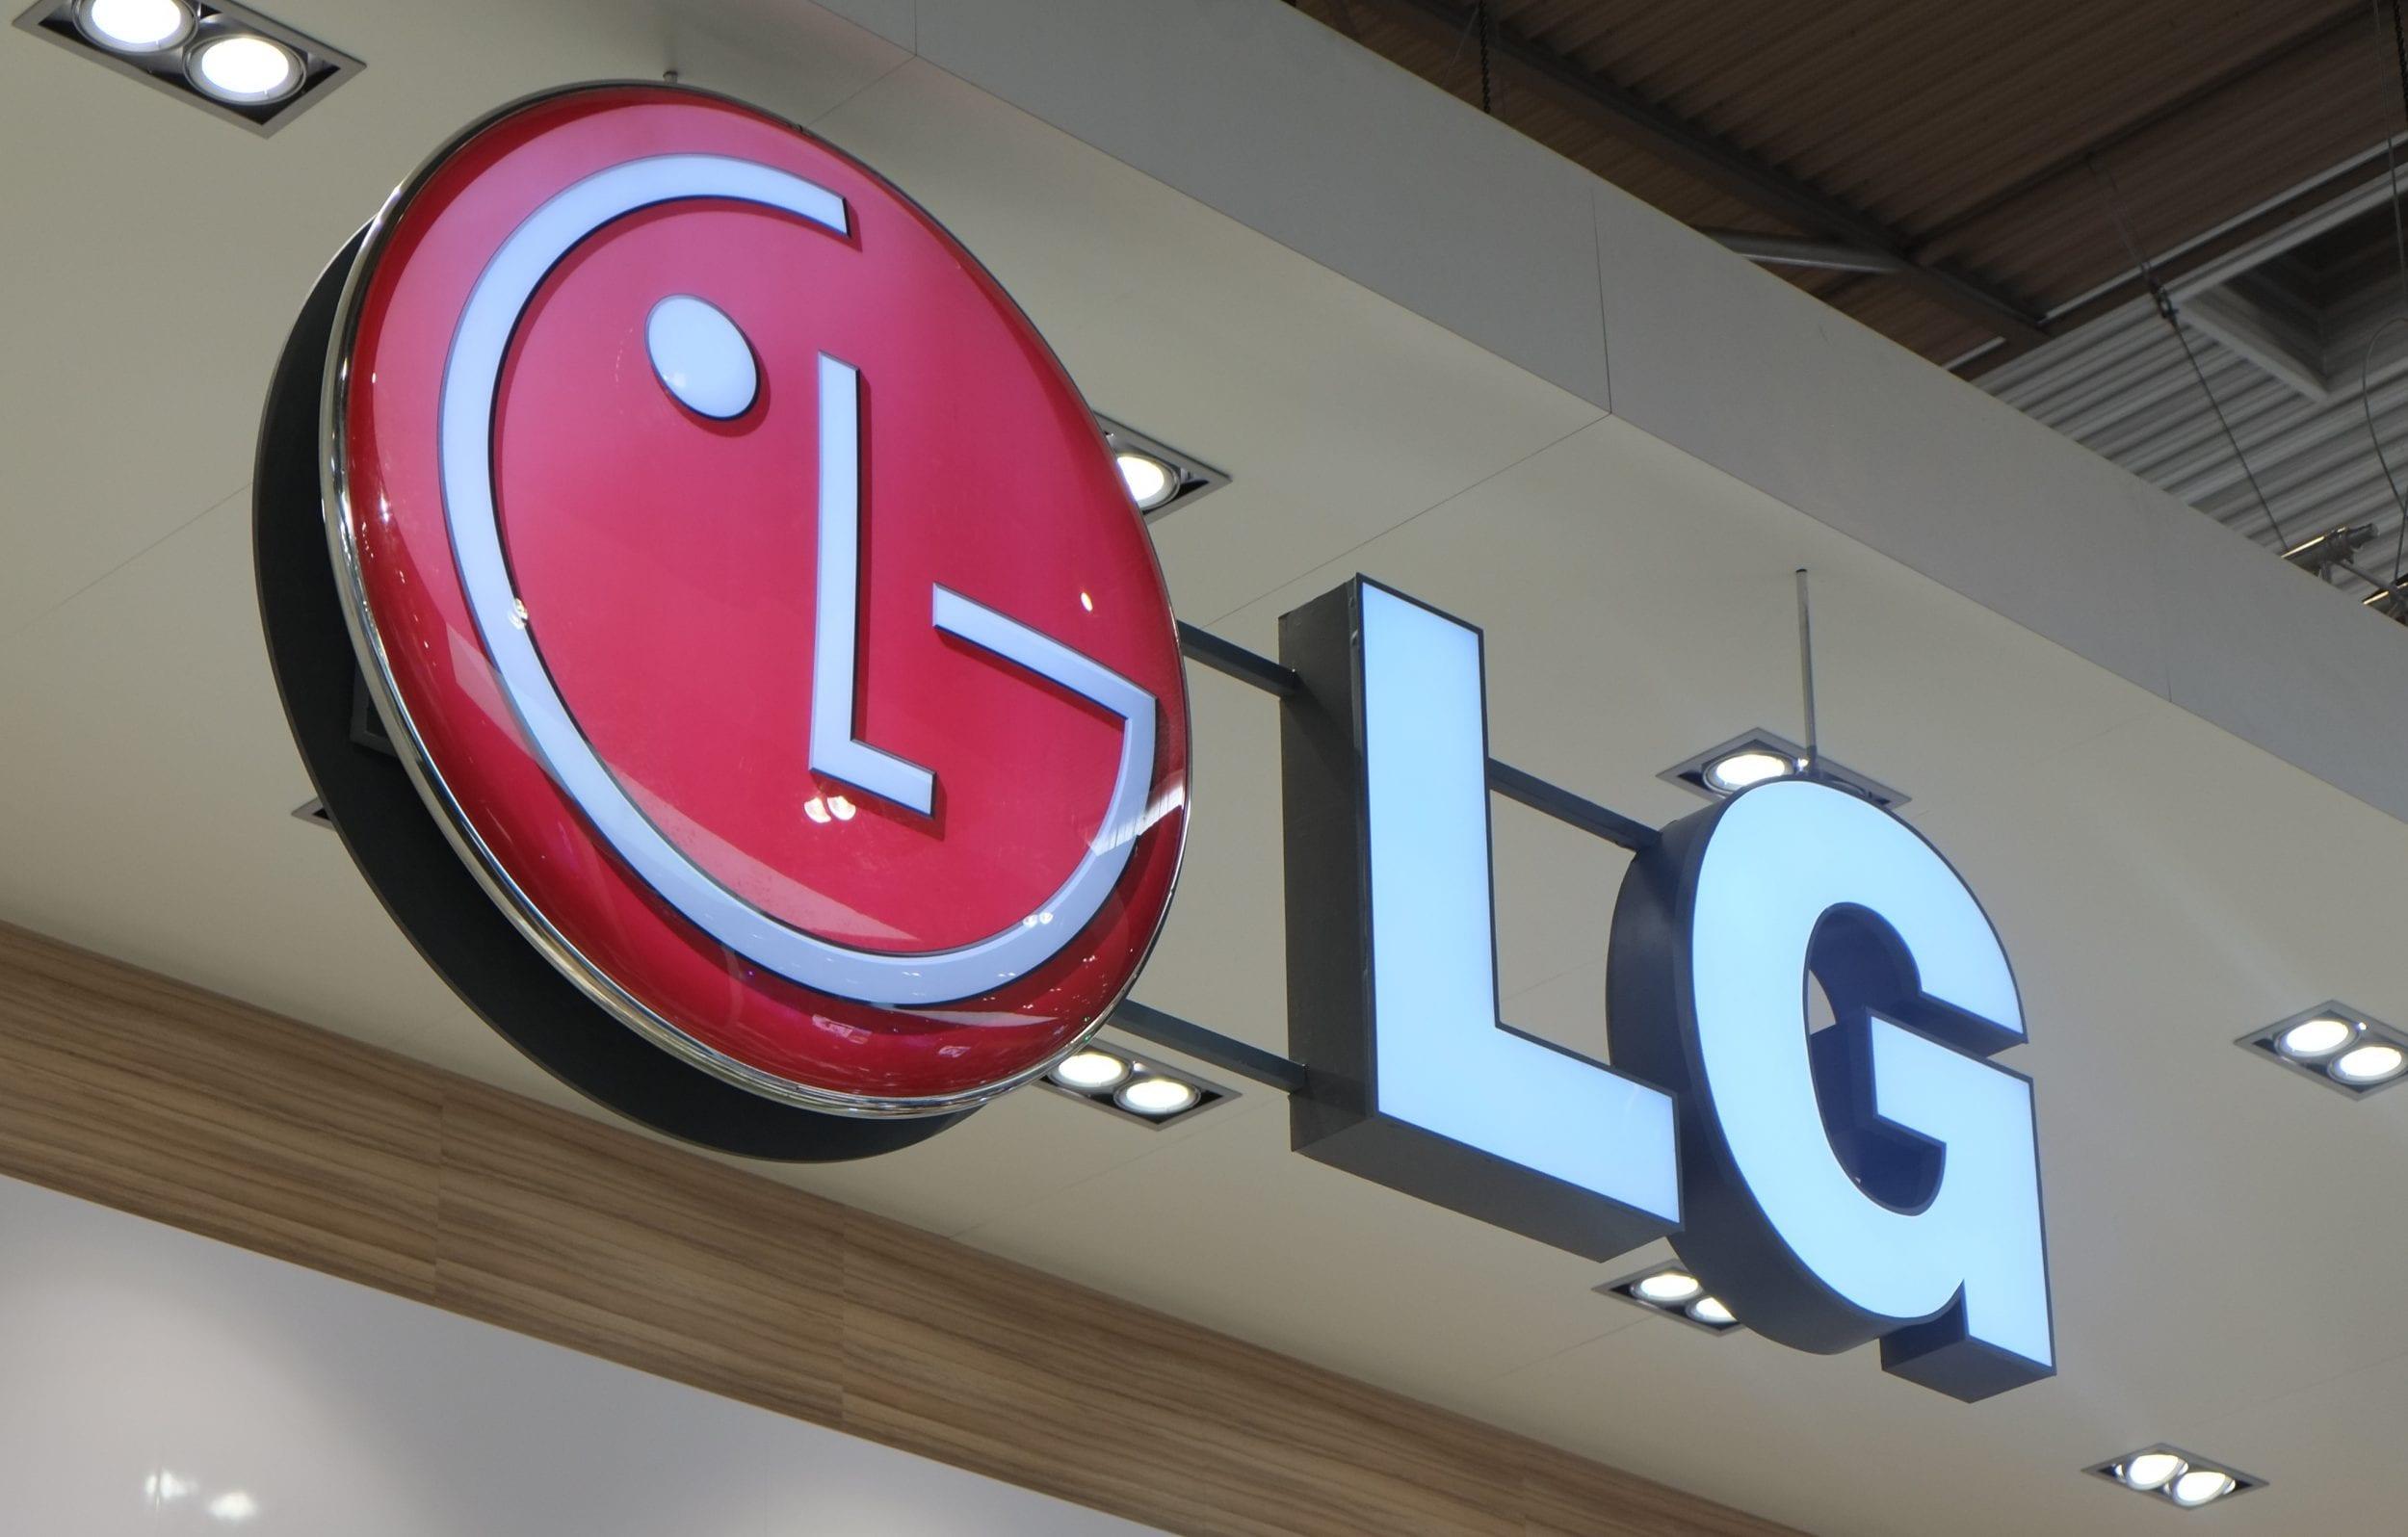 LG rinfresca la serie K con i nuovi modelli 2020. Tante fotocamere, tanta batteria (foto)